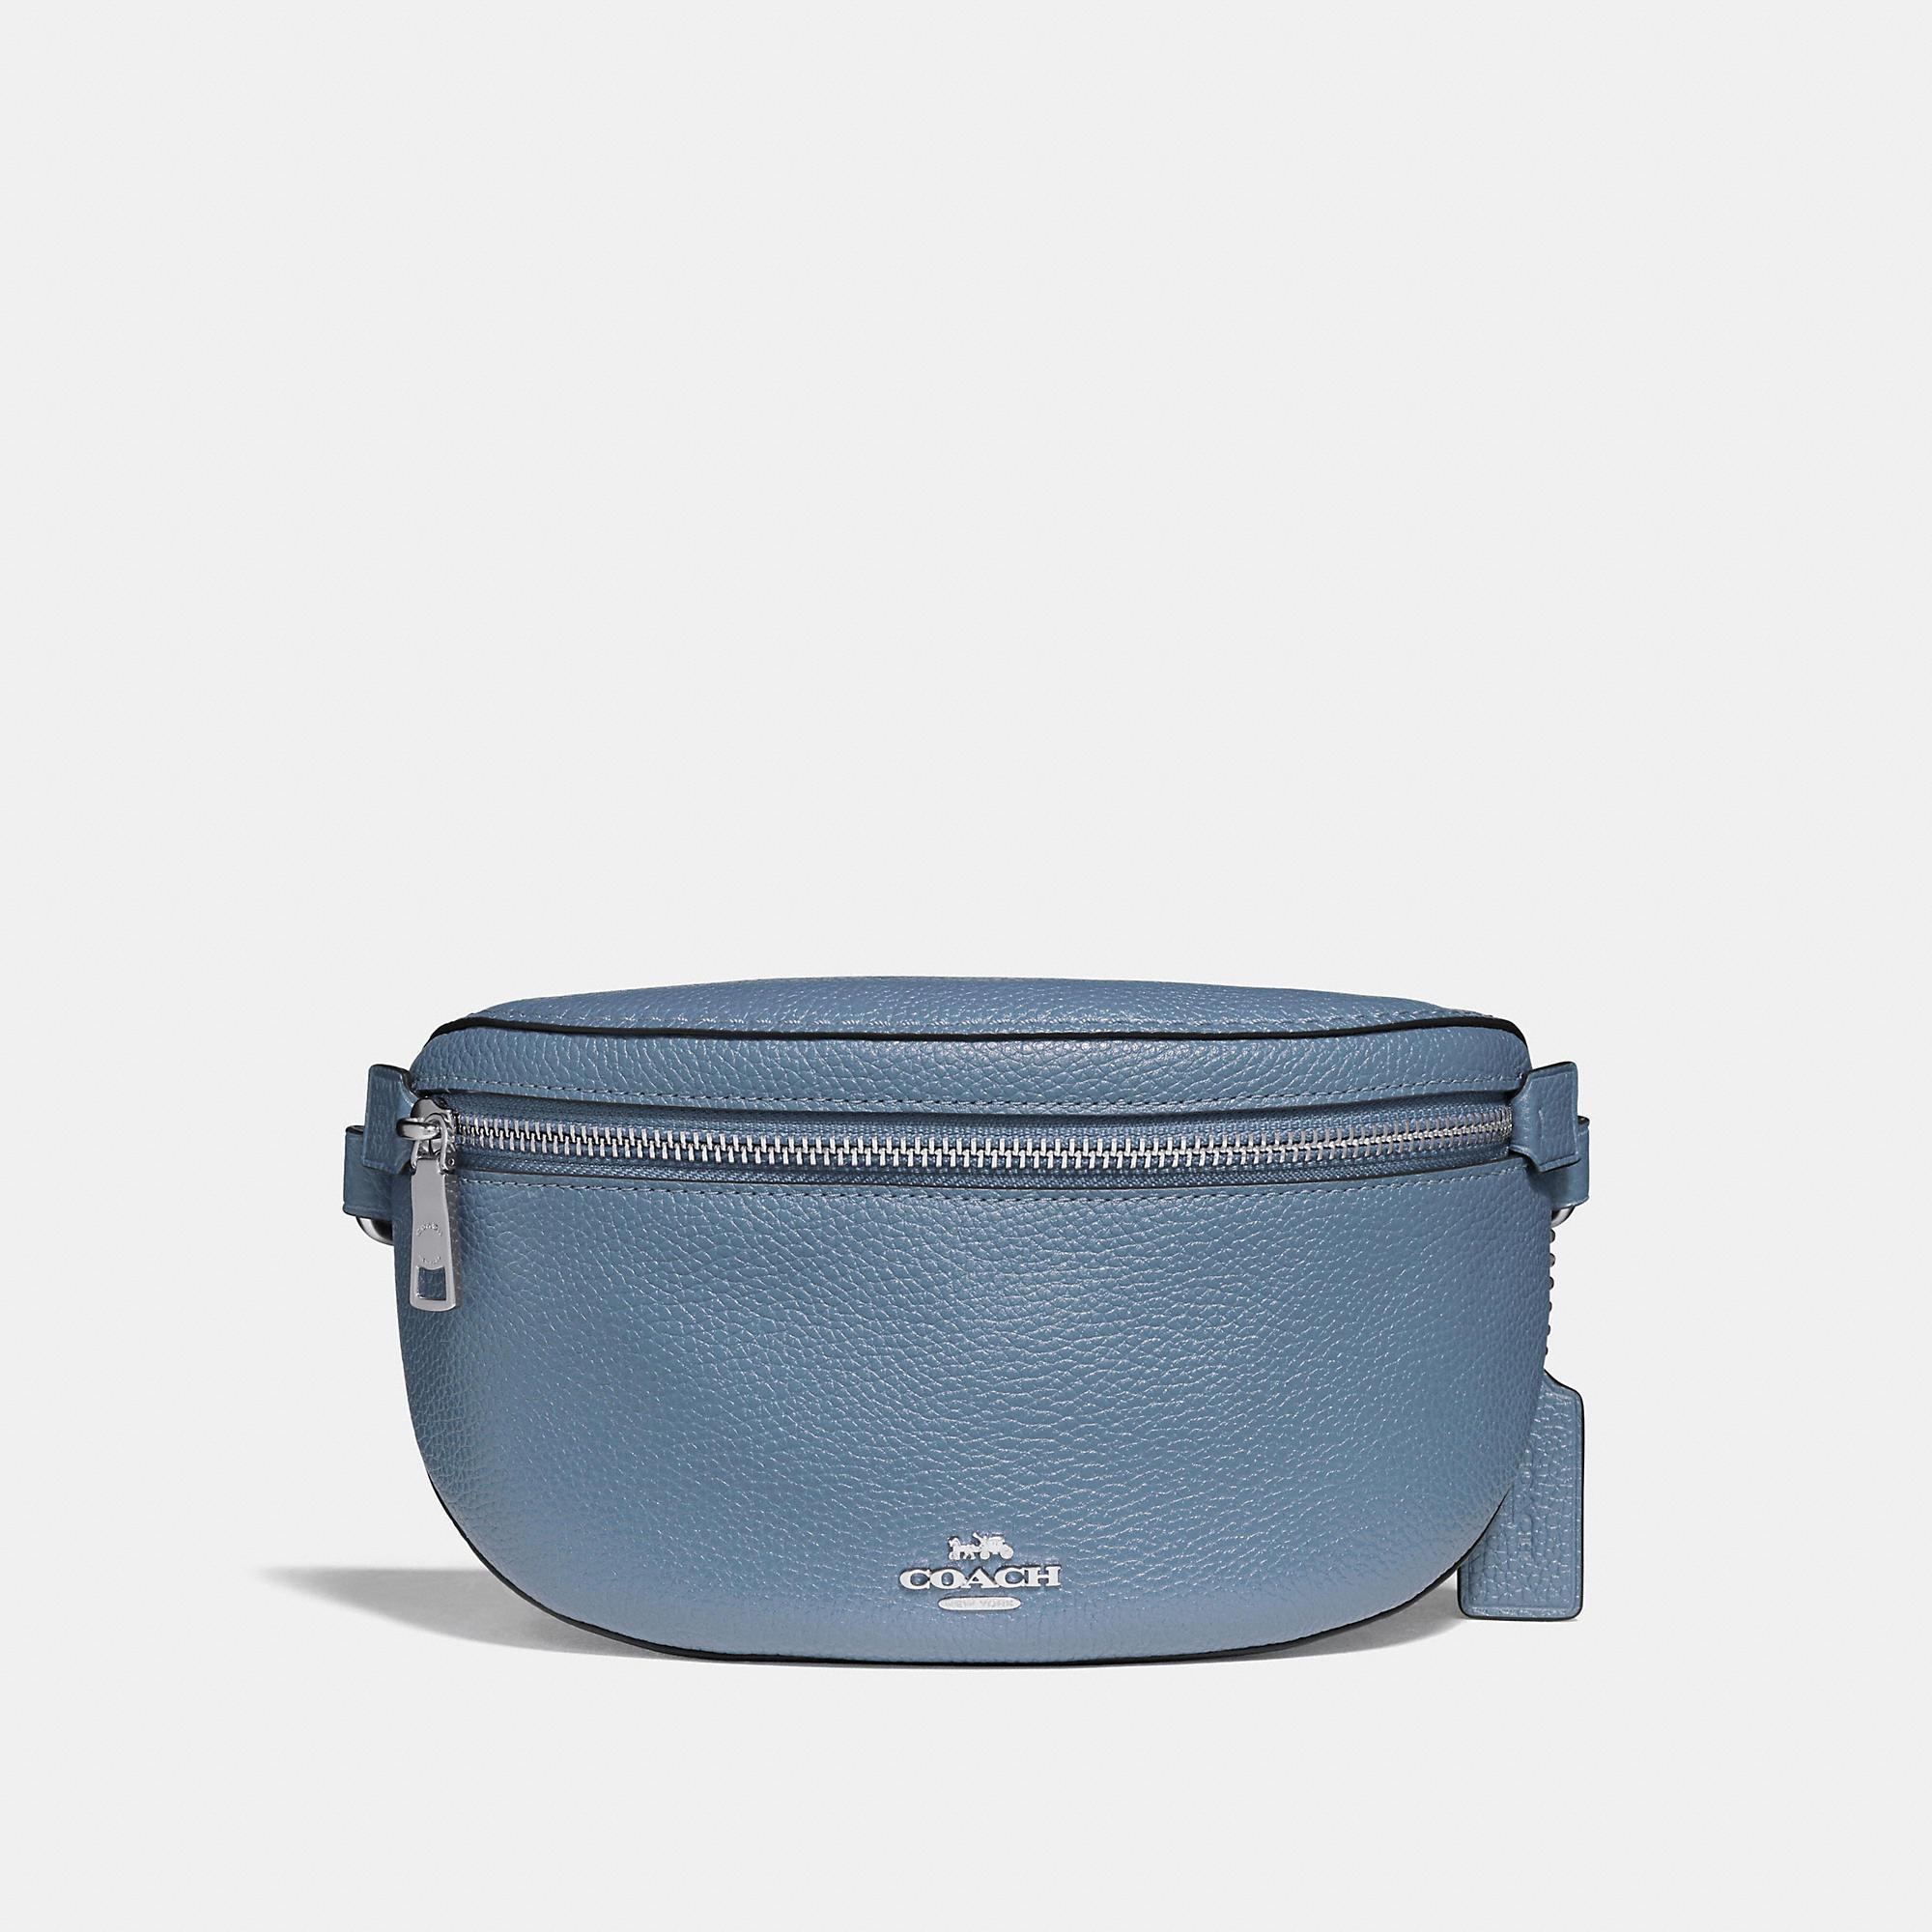 COACH - Blue Belt Bag - Lyst. View fullscreen d4ec0da7a6e2c